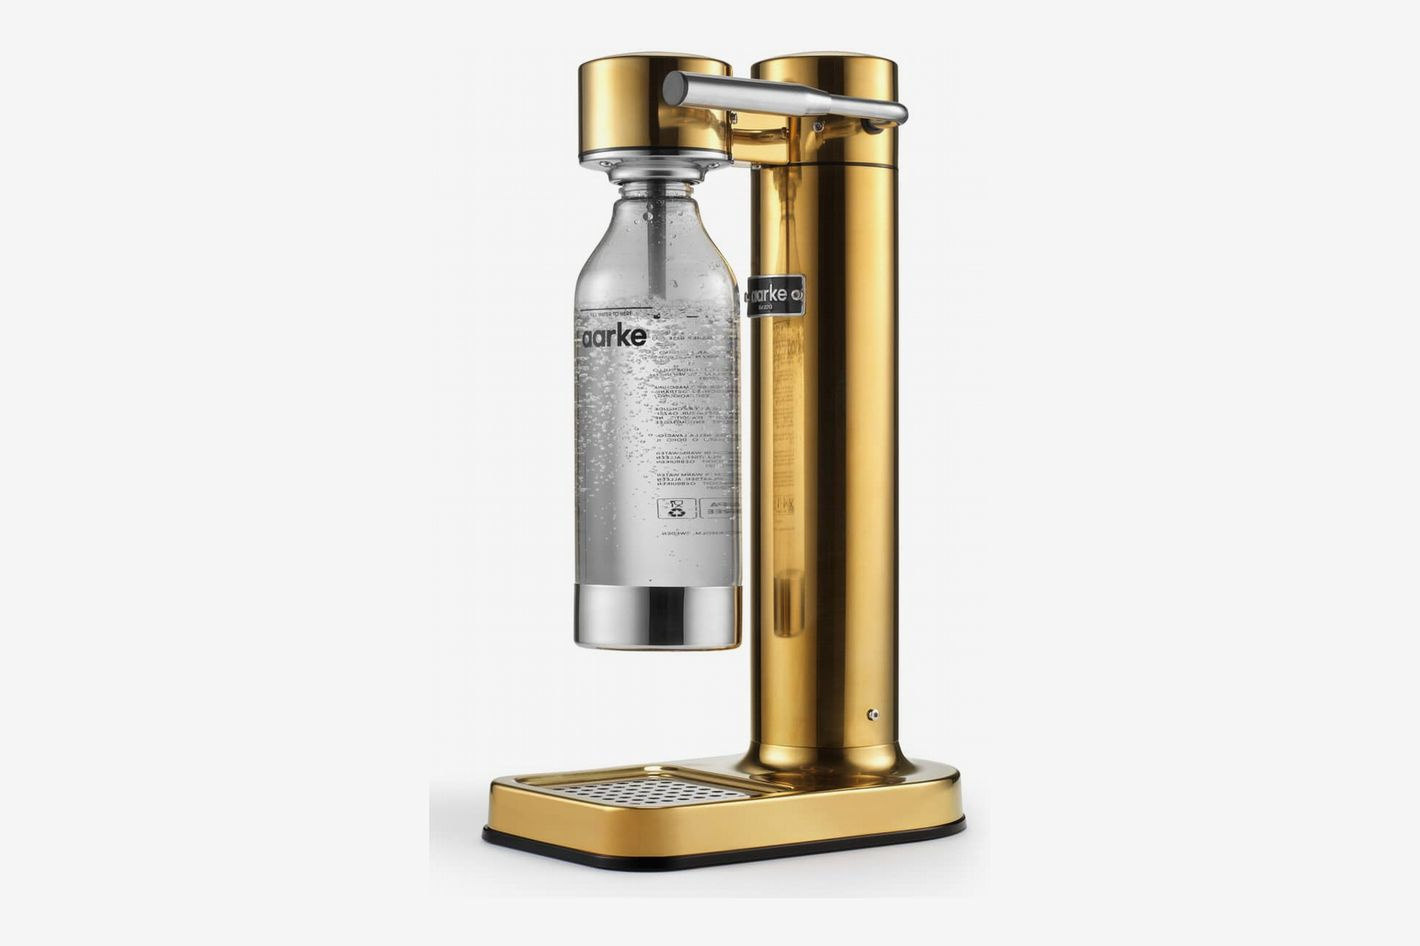 Aarke Sparkling Water Maker (Brass)